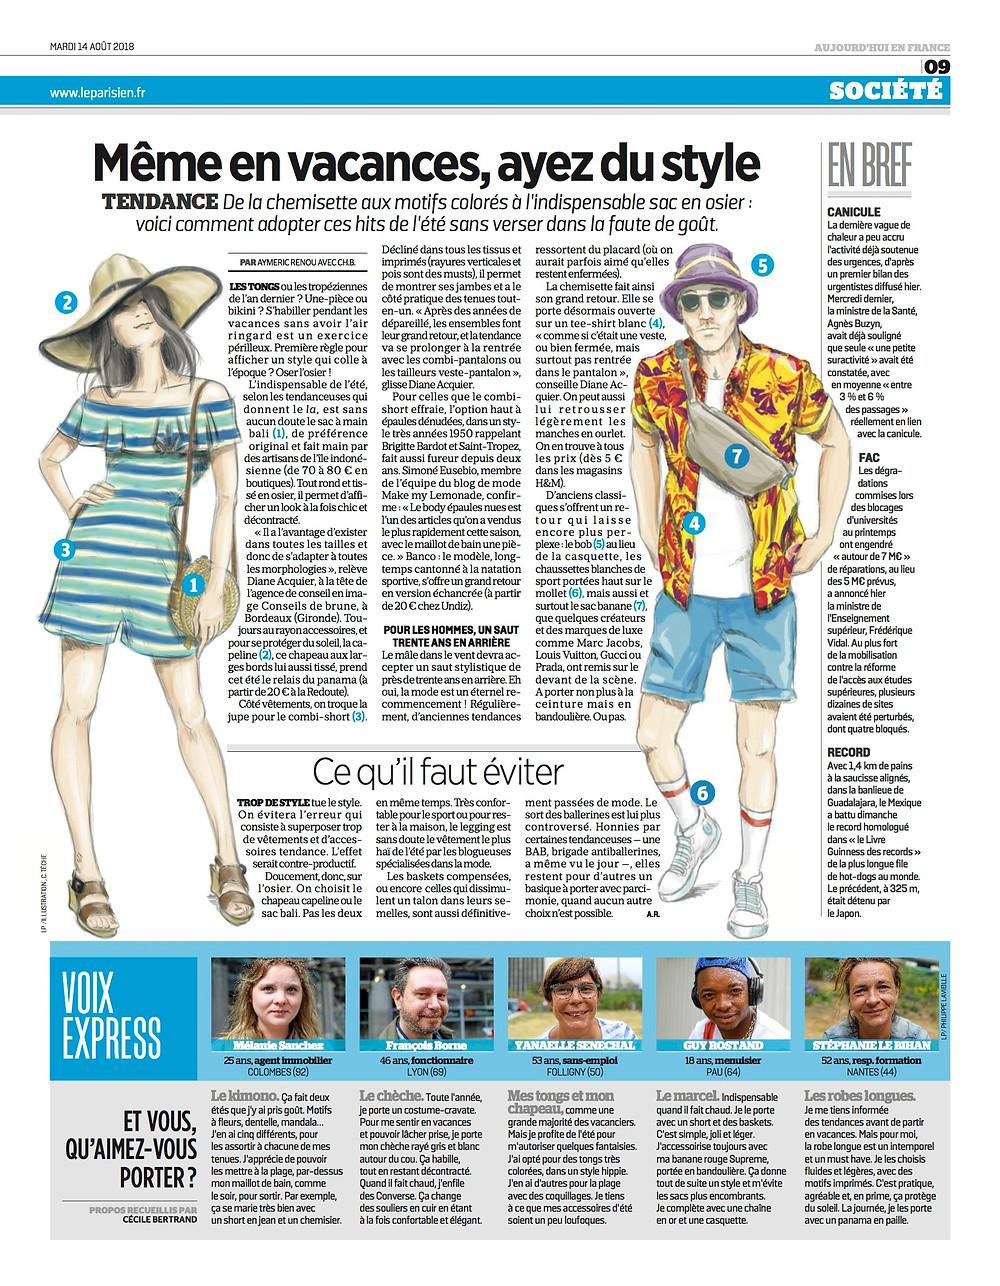 article Conseils de brune pour Le Parisien Journal